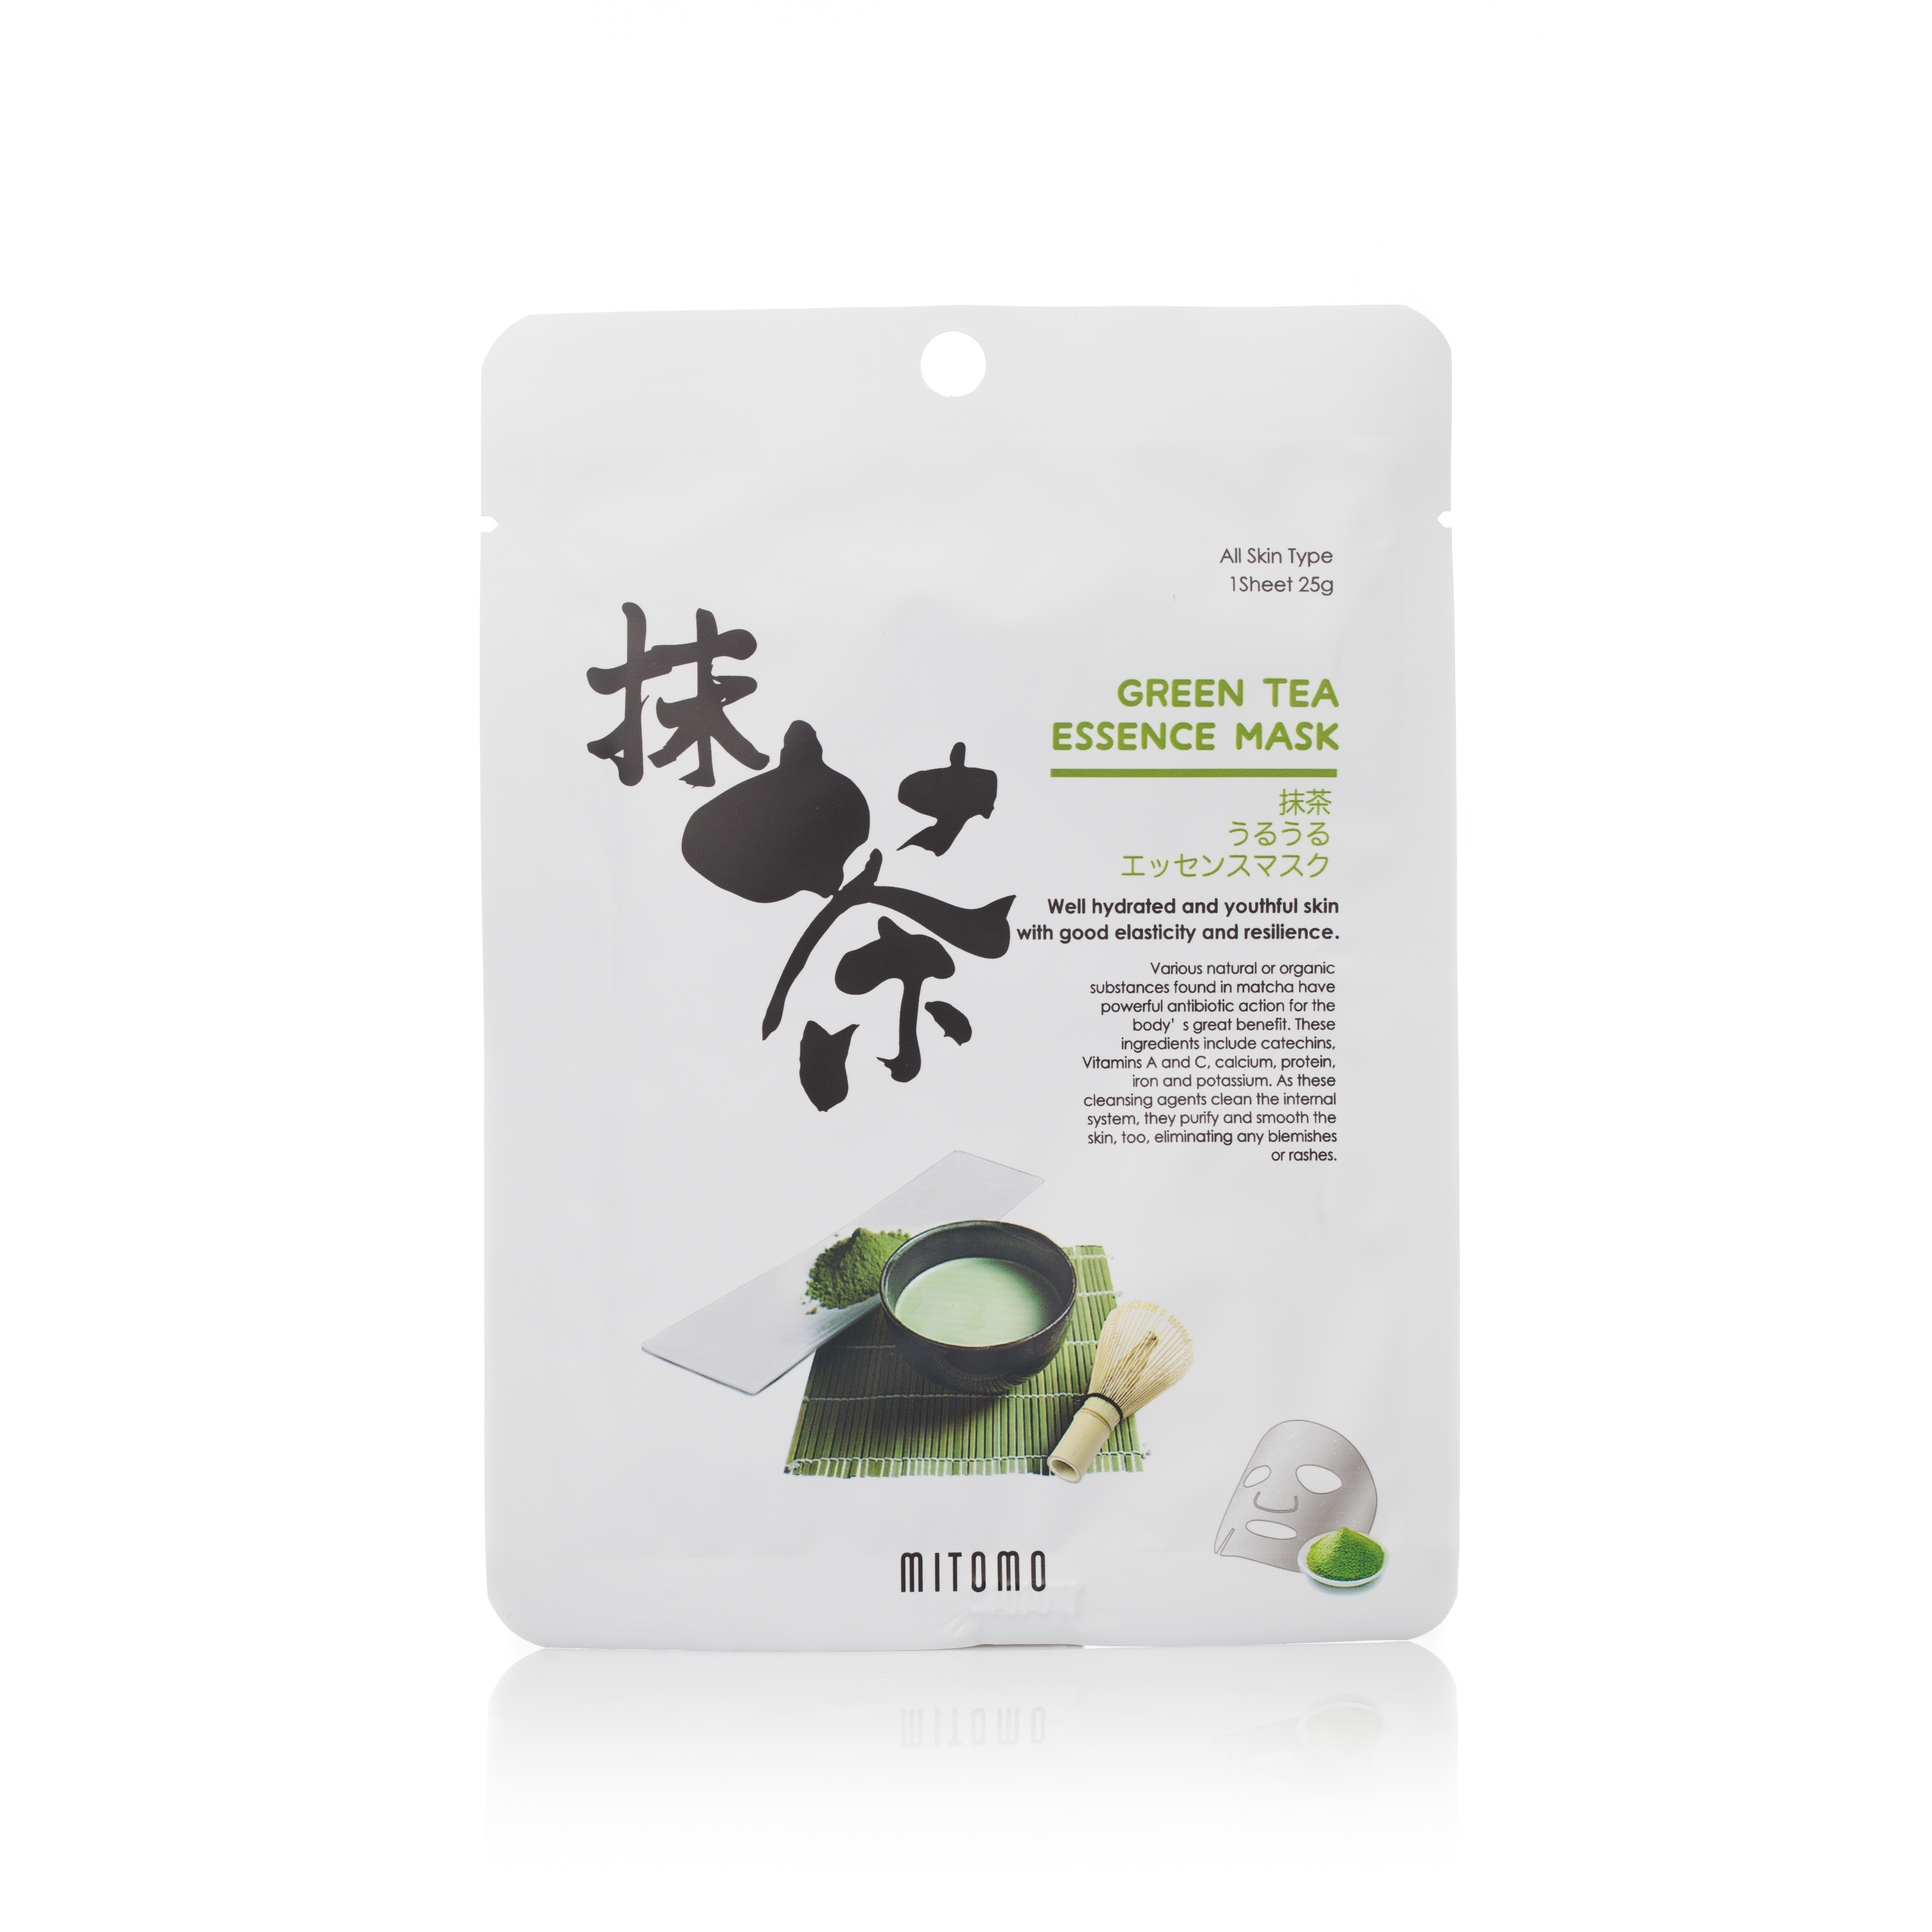 Mitomo är en känd japansk msheetmask-tillverkare vars masker numera finns i Sverige